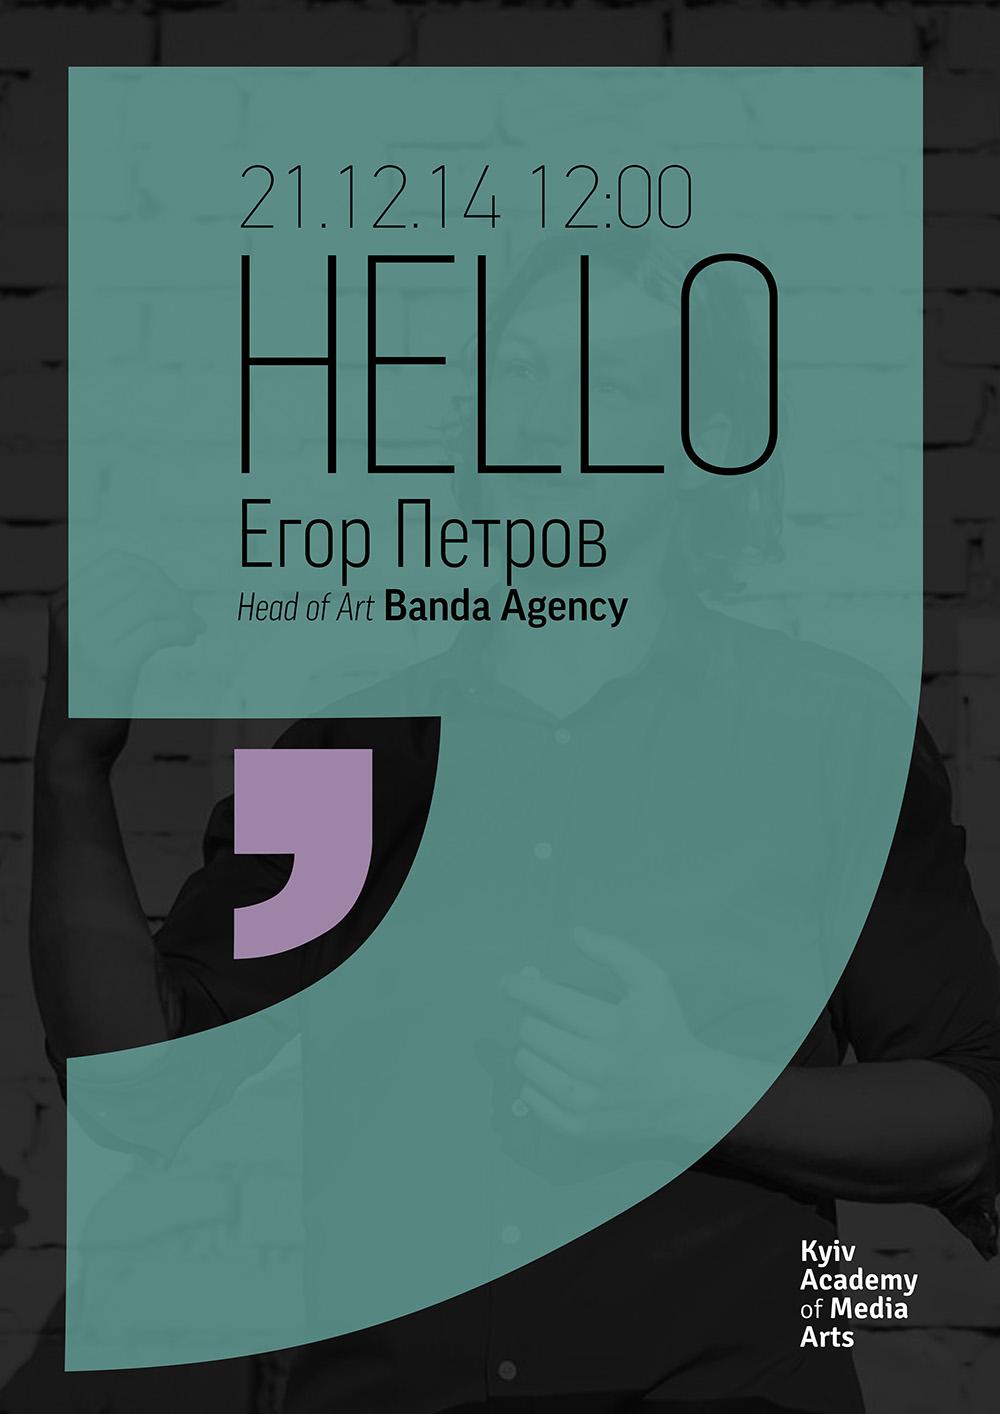 hero2_petrov.jpg